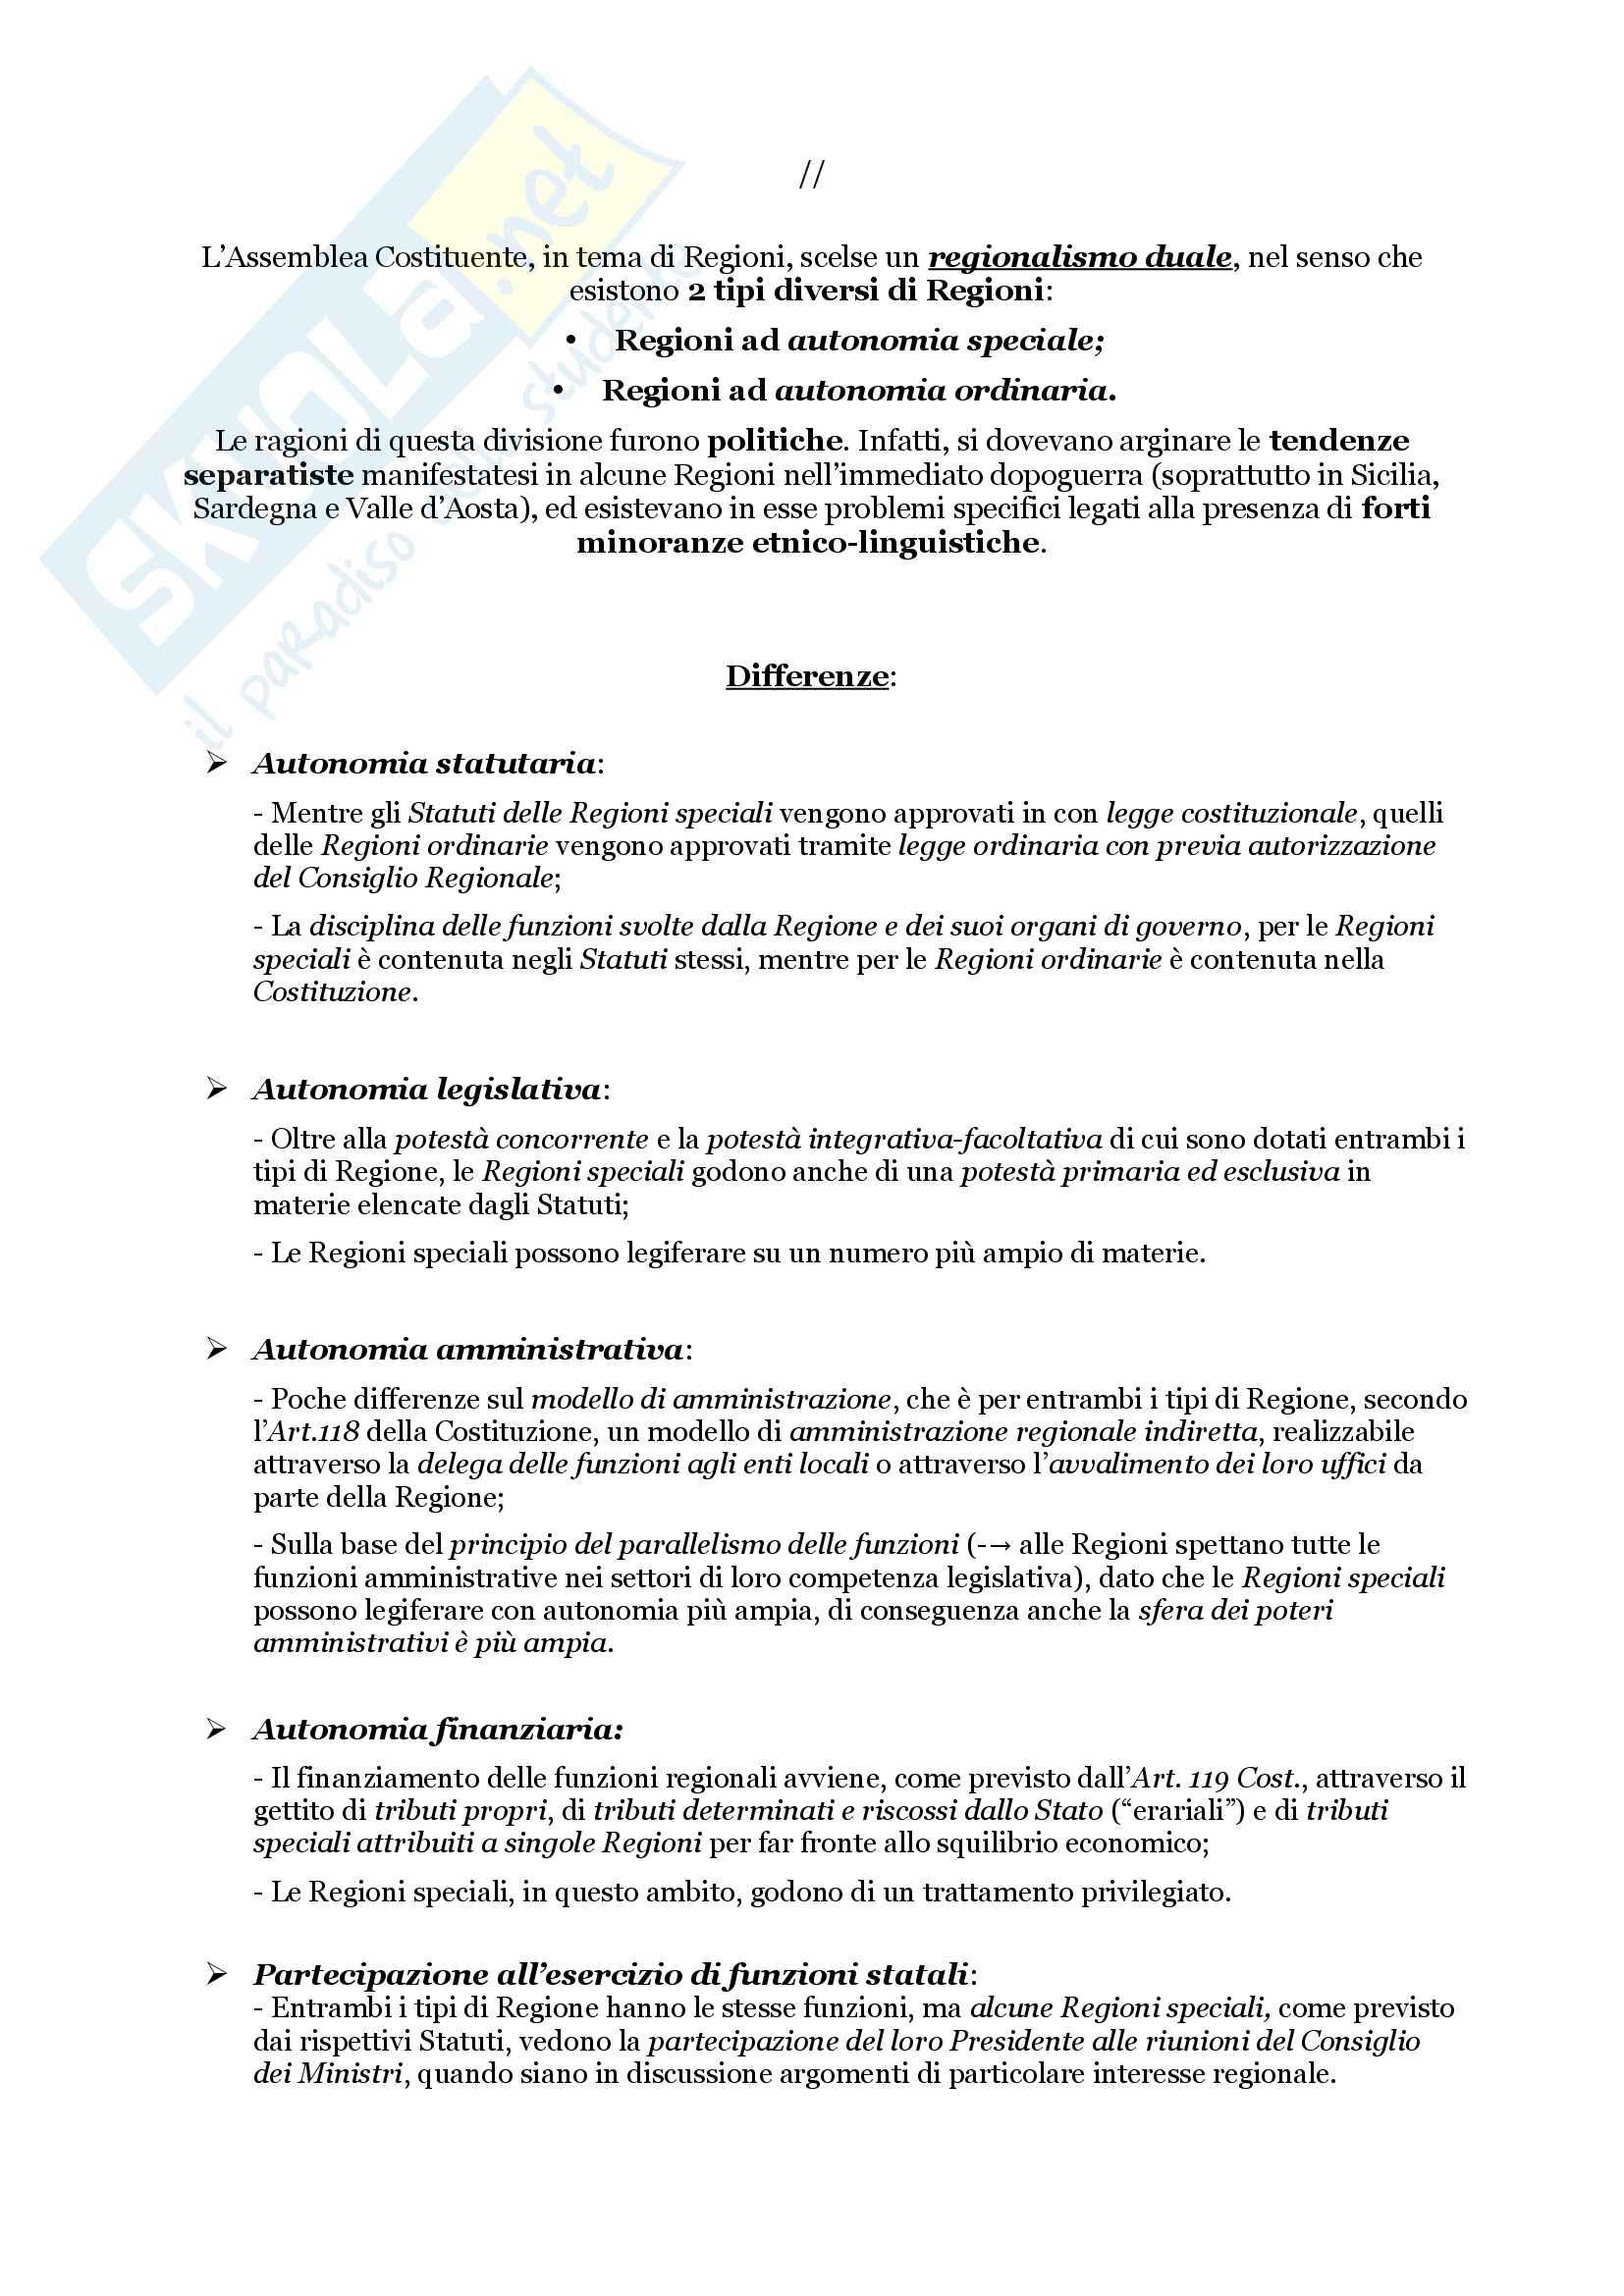 Schemi riassuntivi di istituzioni di diritto pubblico (libro di riferimento: Diritto costituzionale e pubblico, Carretti, De Siervo) Pag. 61